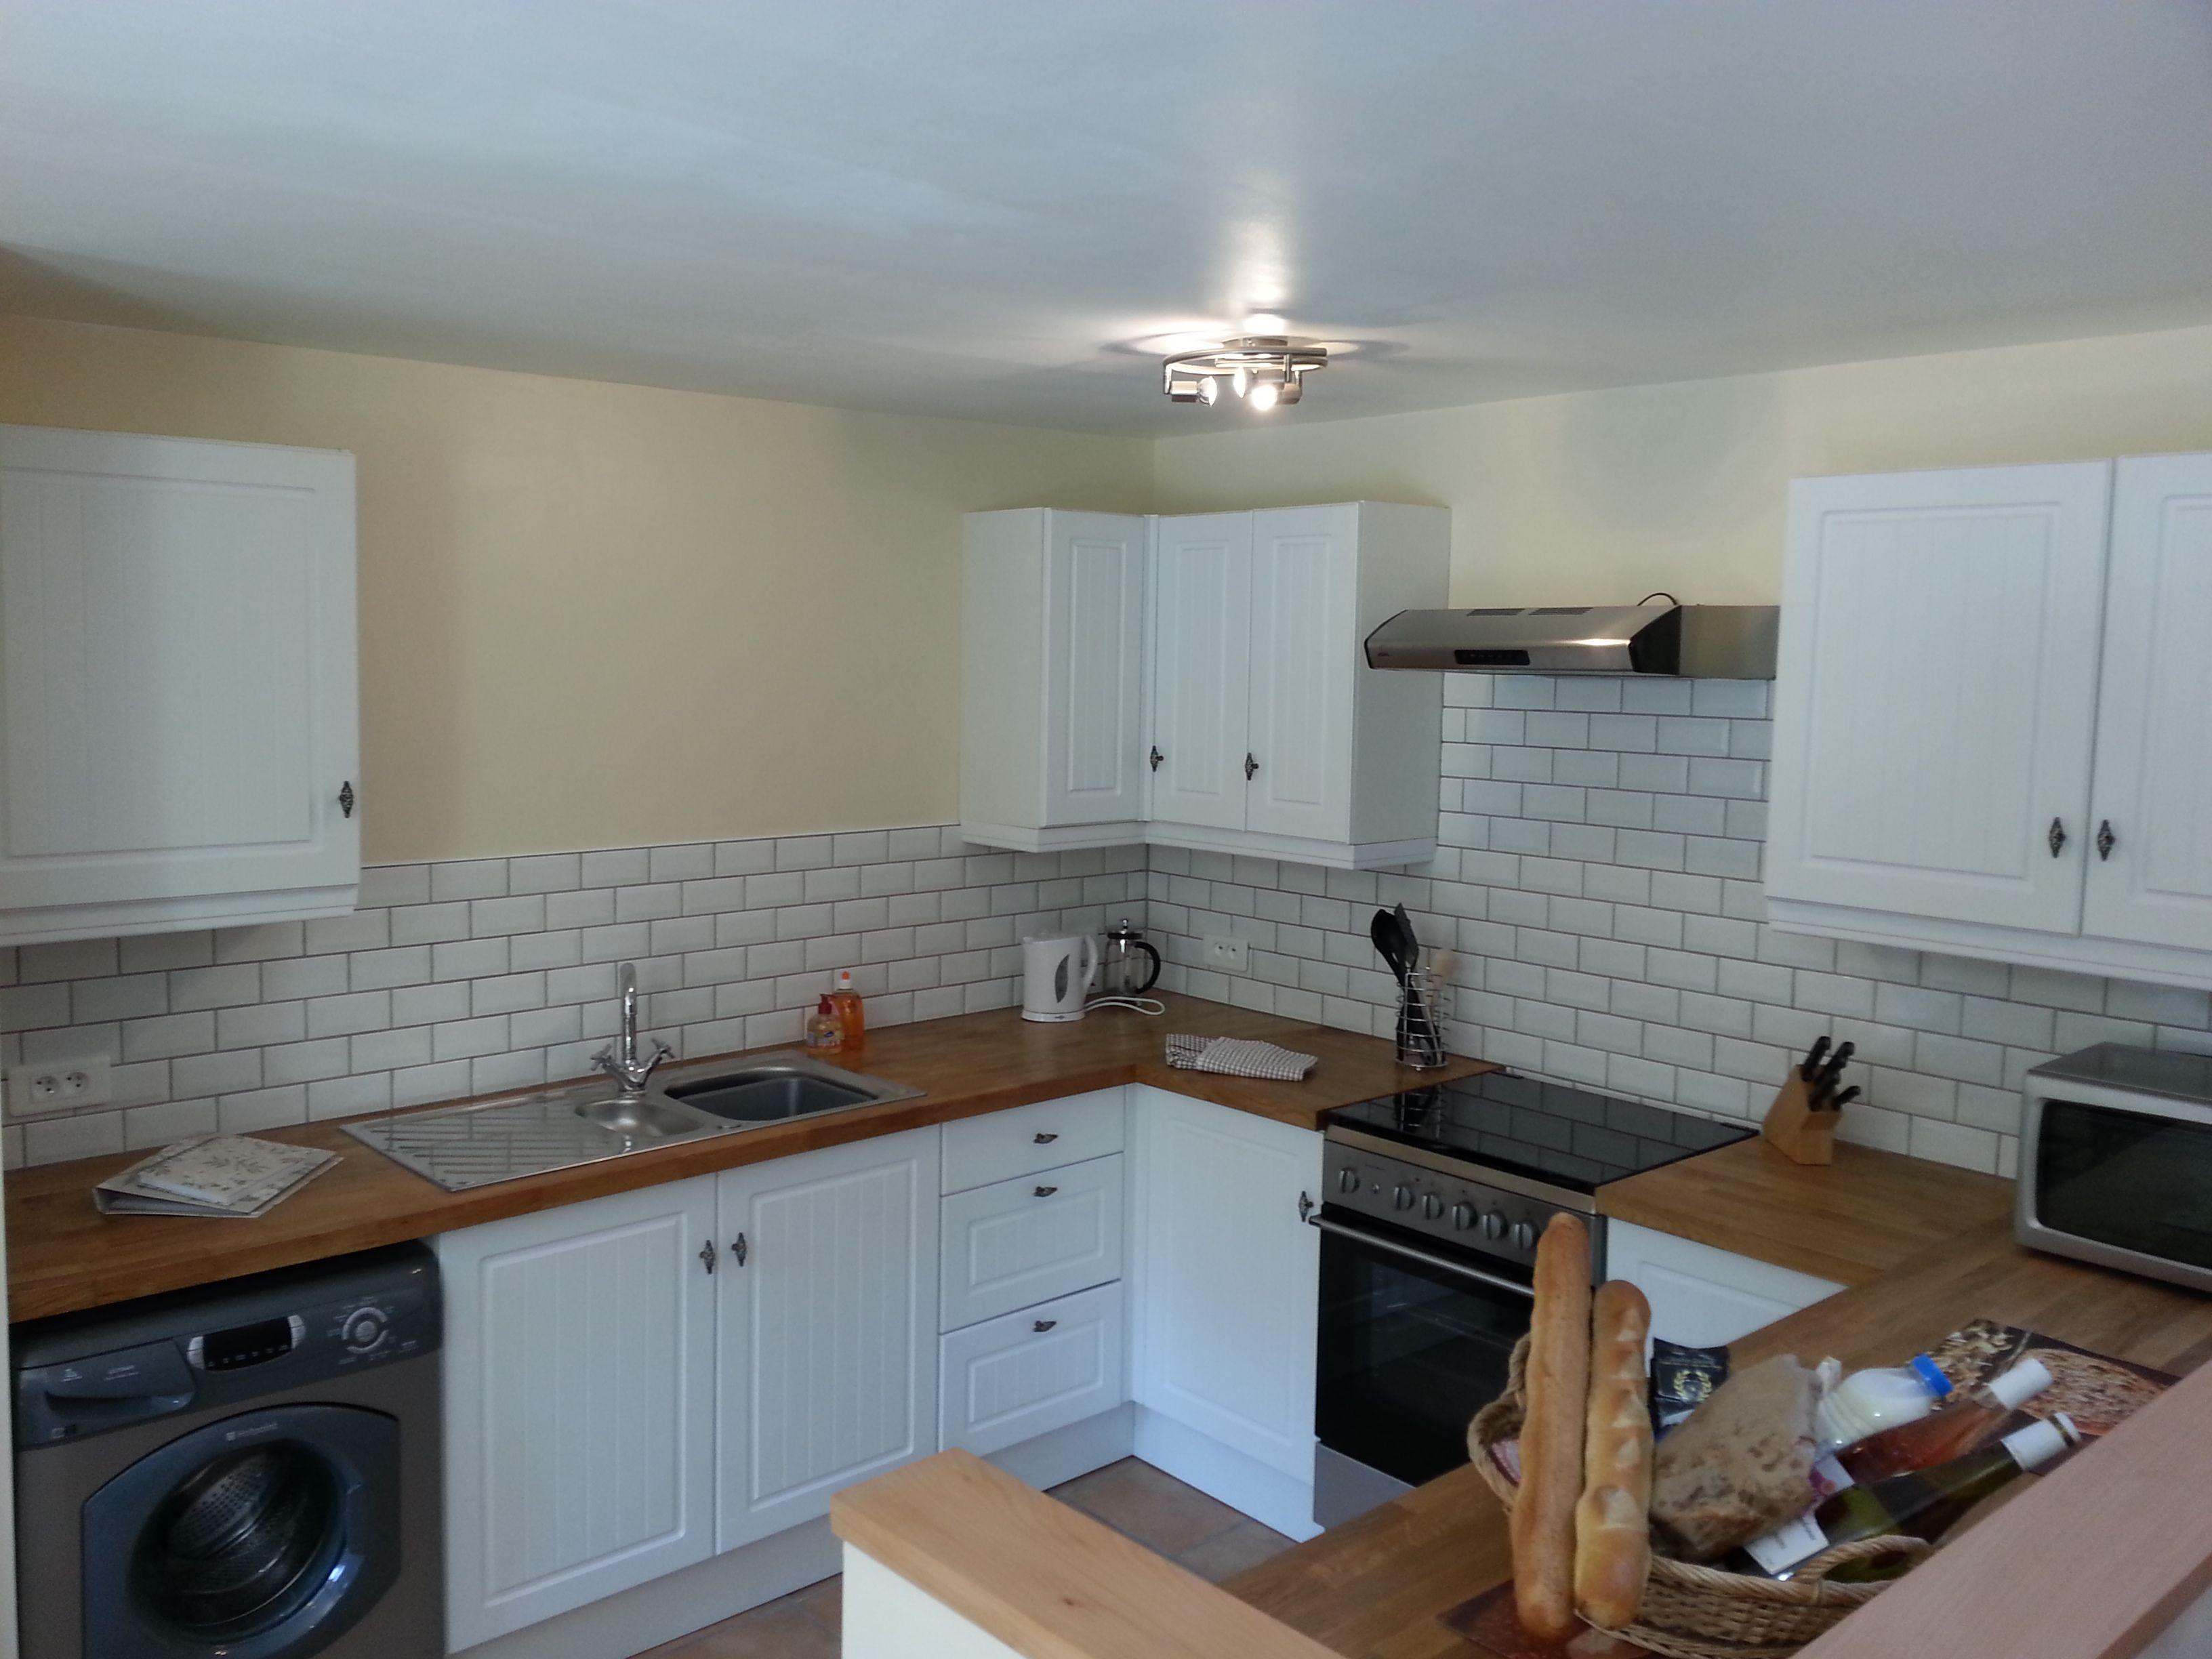 B&Q white kitchen with metro tiles and oak worktops